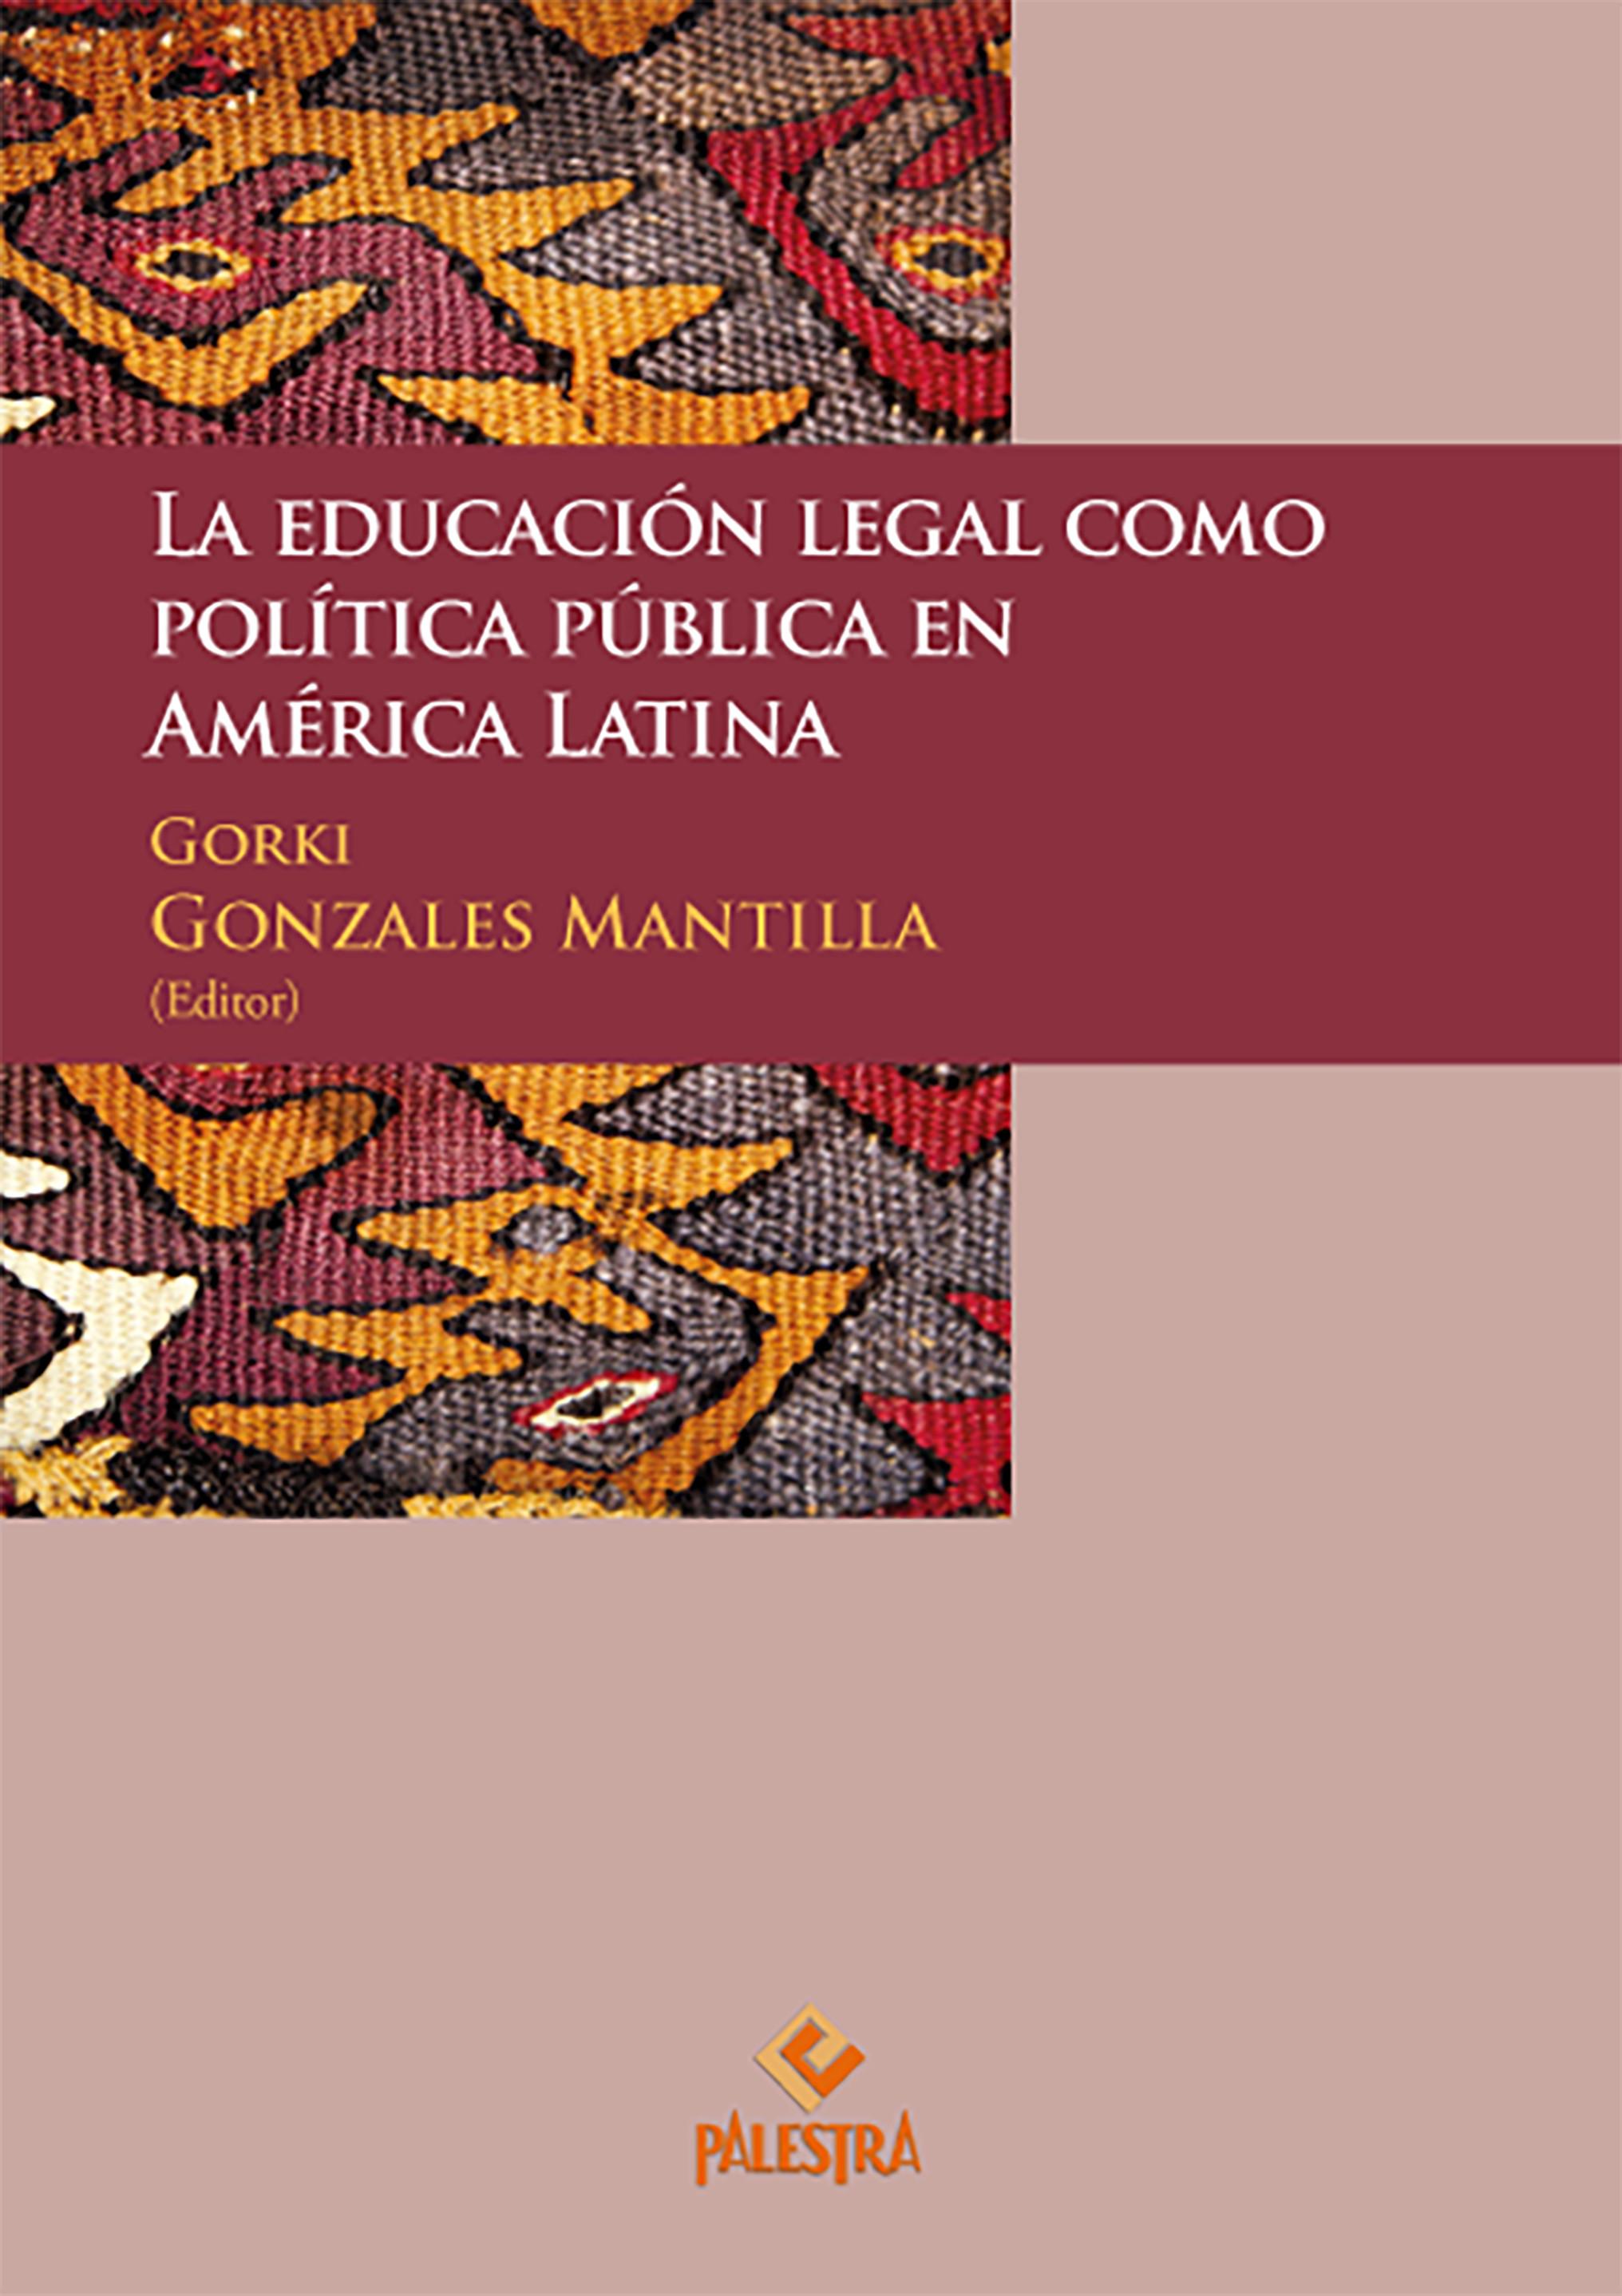 La educación legal como política pública en América Latina